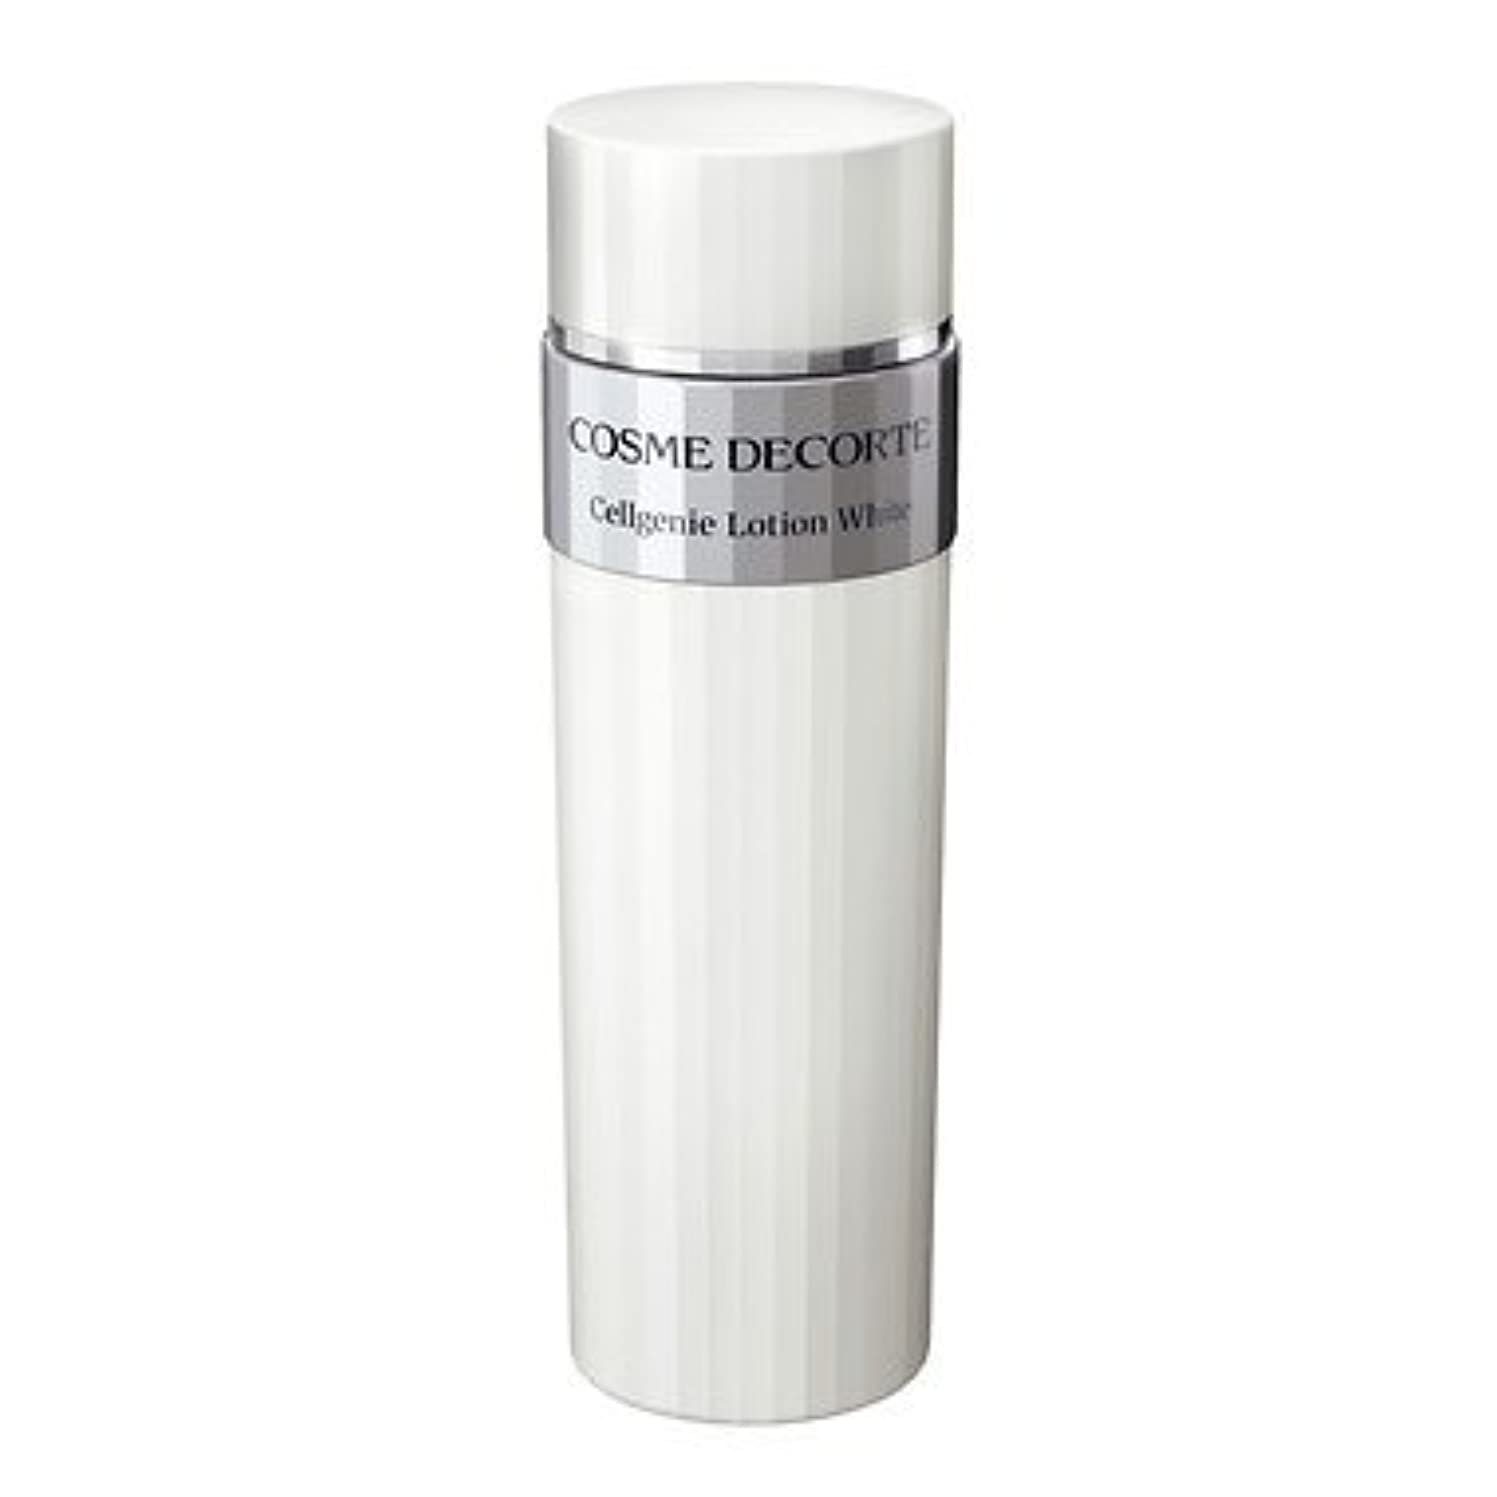 肥満破壊的な説明するCOSME DECORTE コーセー/KOSE セルジェニーローションホワイト 200ml [362916] [並行輸入品]